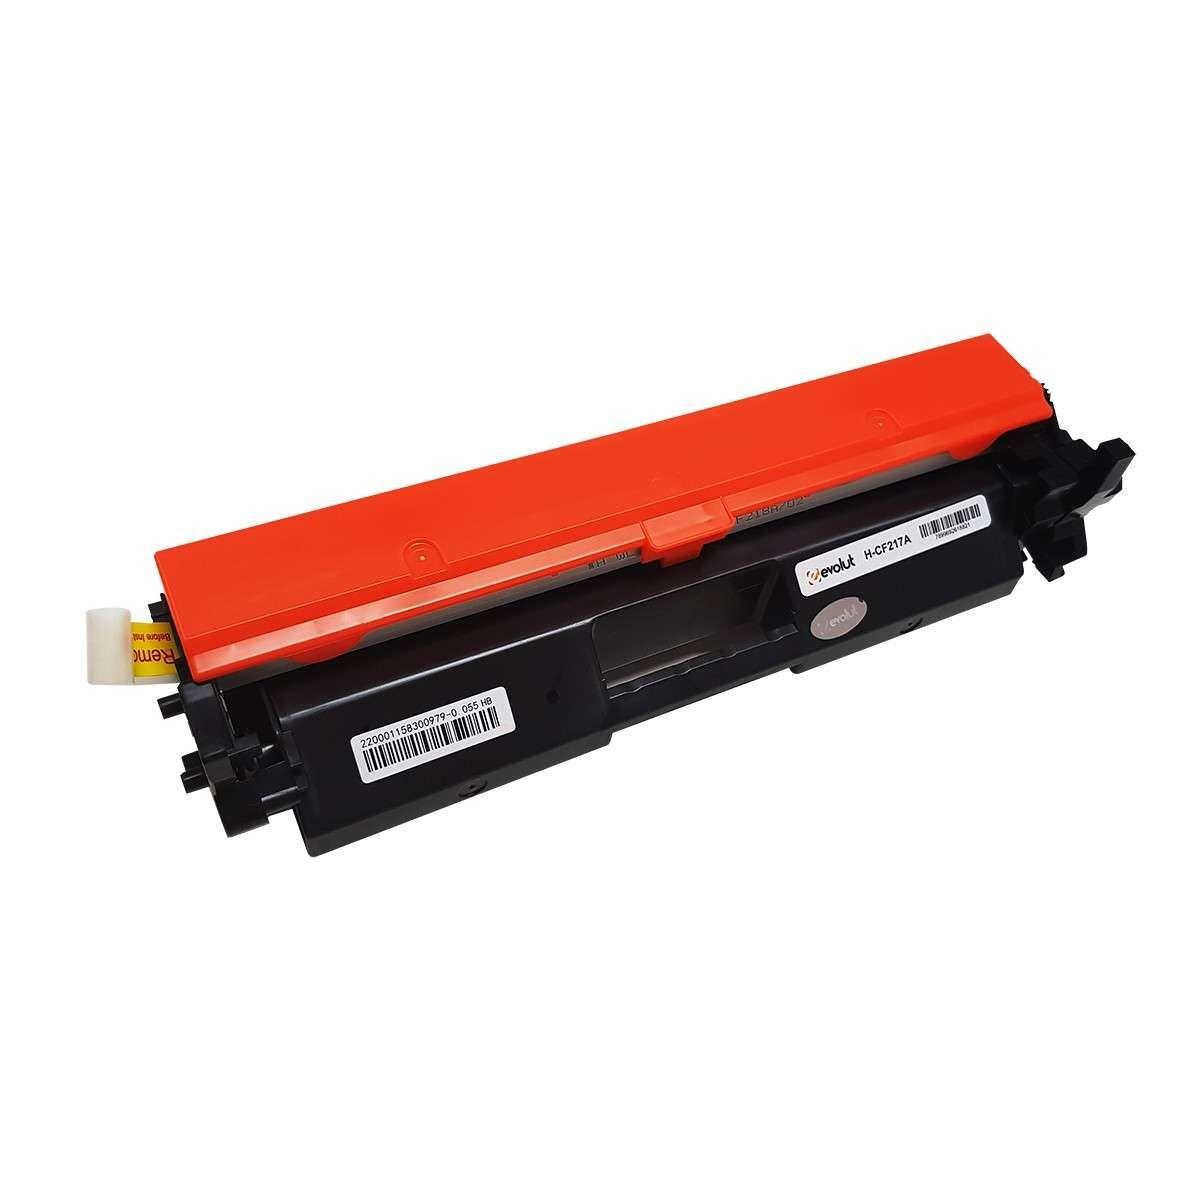 Toner Compatível HP CF217A 17A 1.6K